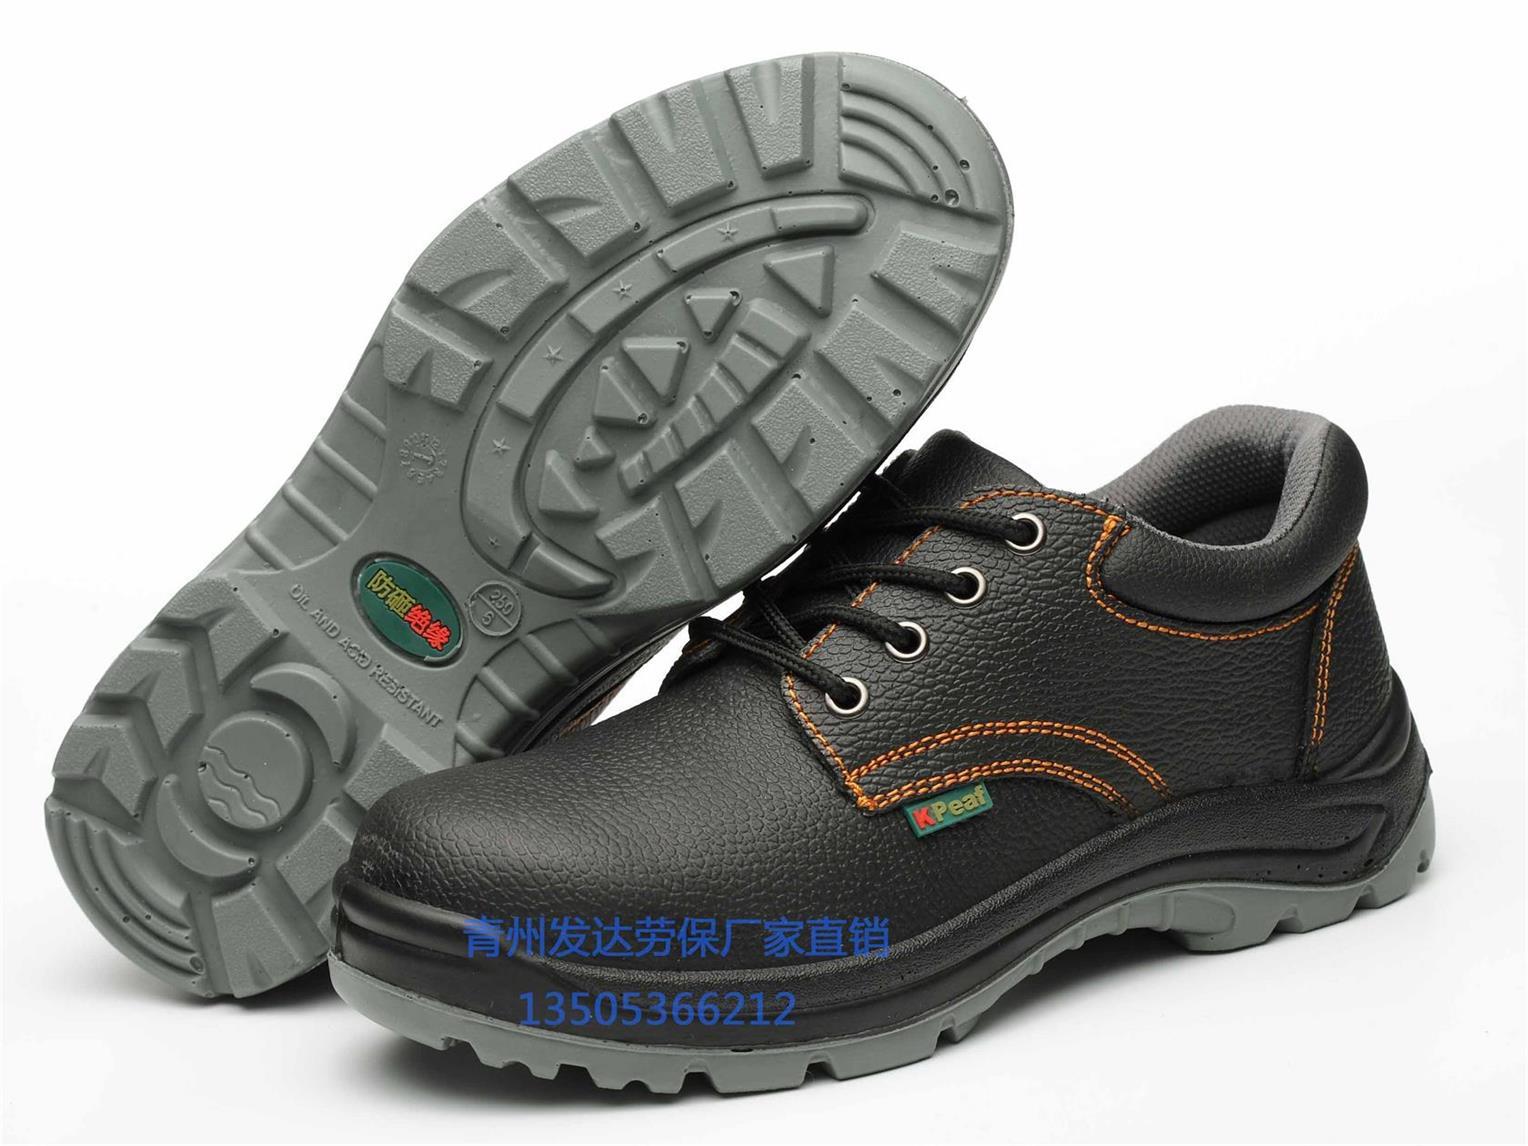 中国征雪安全鞋劳保鞋-潍坊实用的征雪安全鞋劳保鞋到哪买